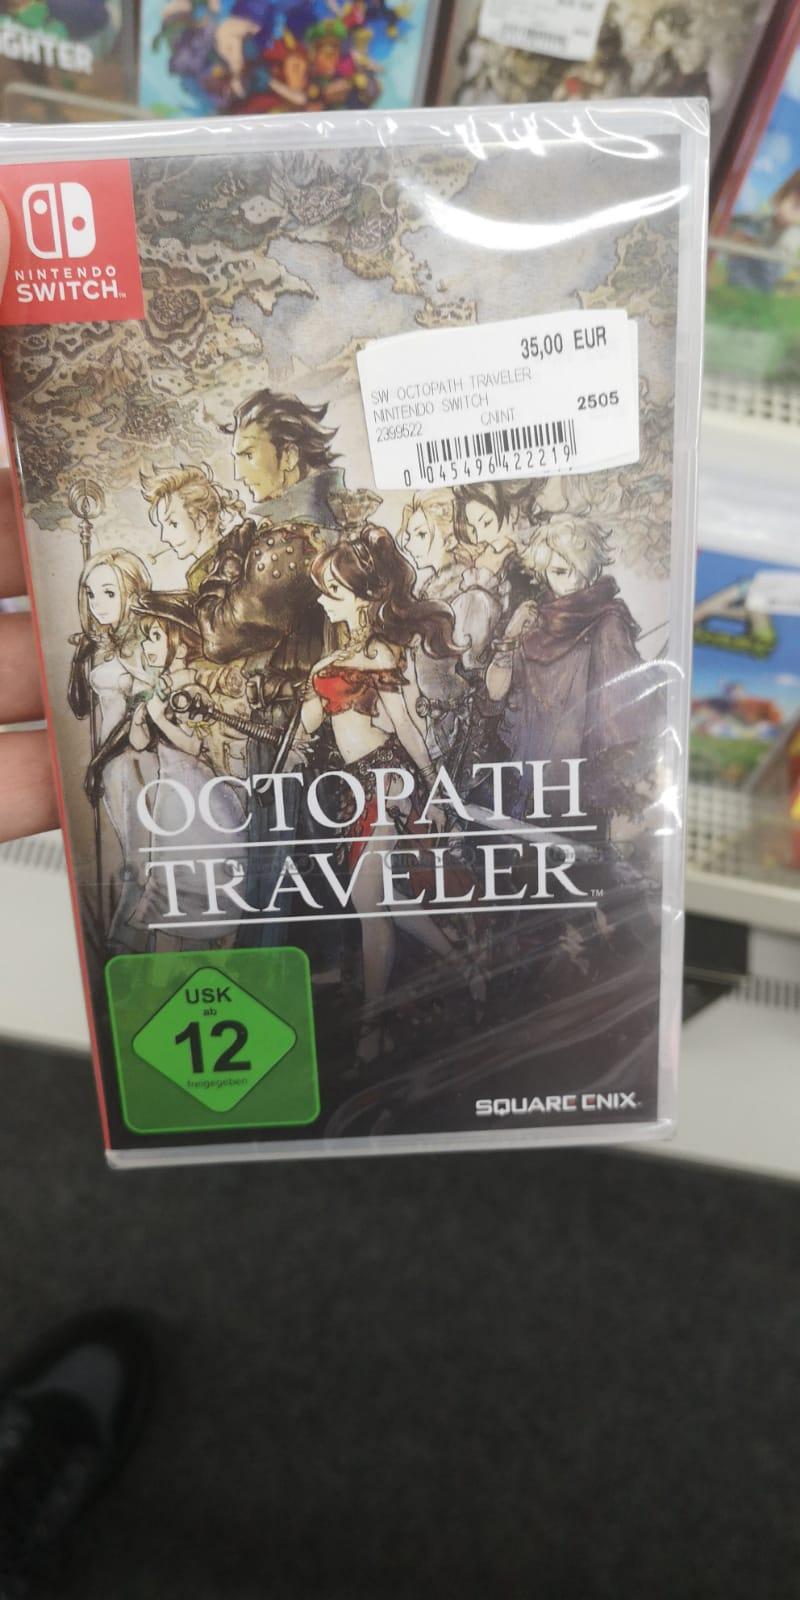 [Lokal] Mediamarkt Krefeld - Octopath Traveler